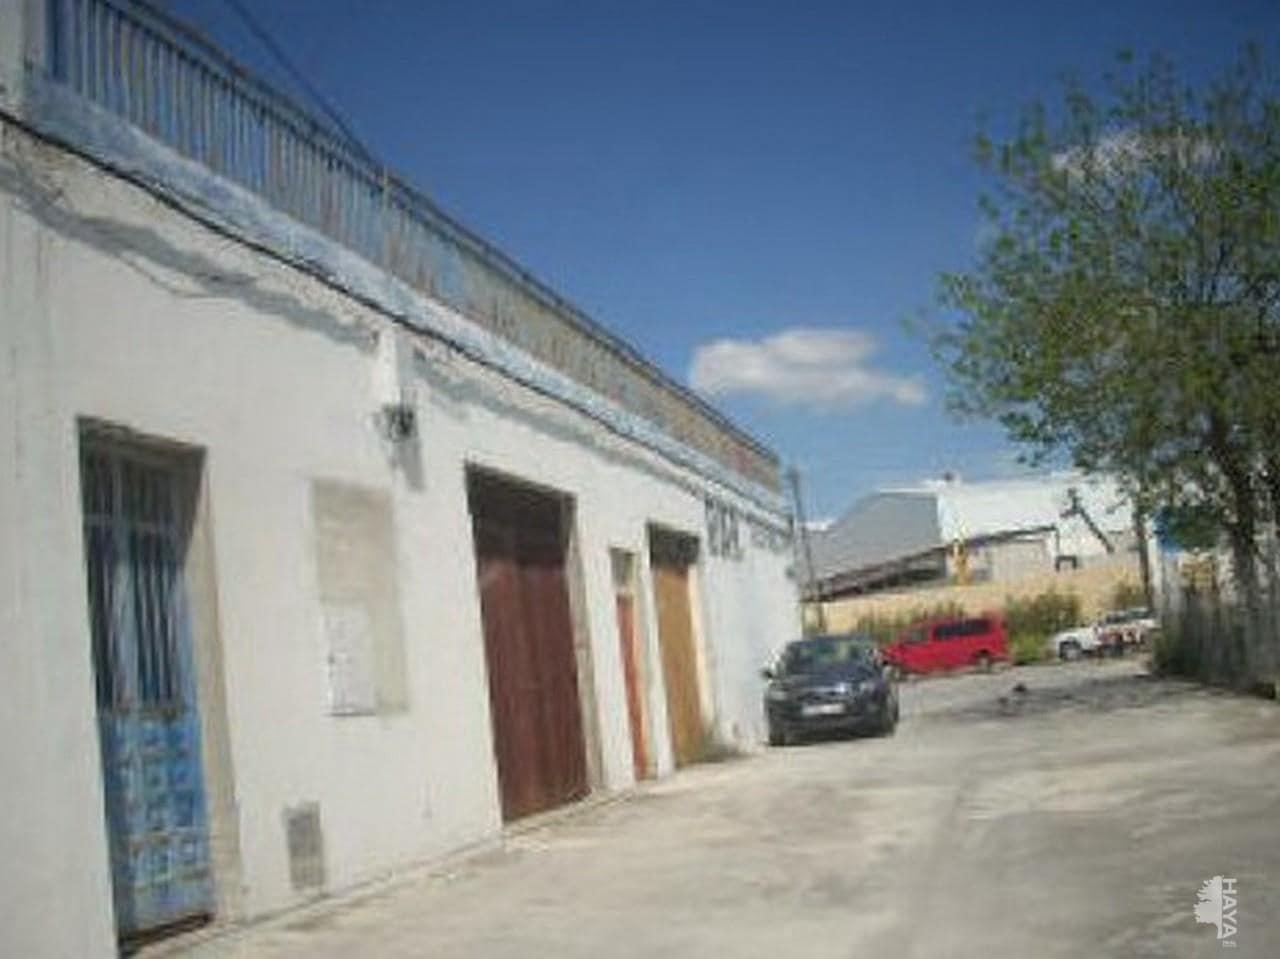 Industrial en venta en El Palomar, Puente Genil, Córdoba, Calle San Pancracio, 78.300 €, 337 m2